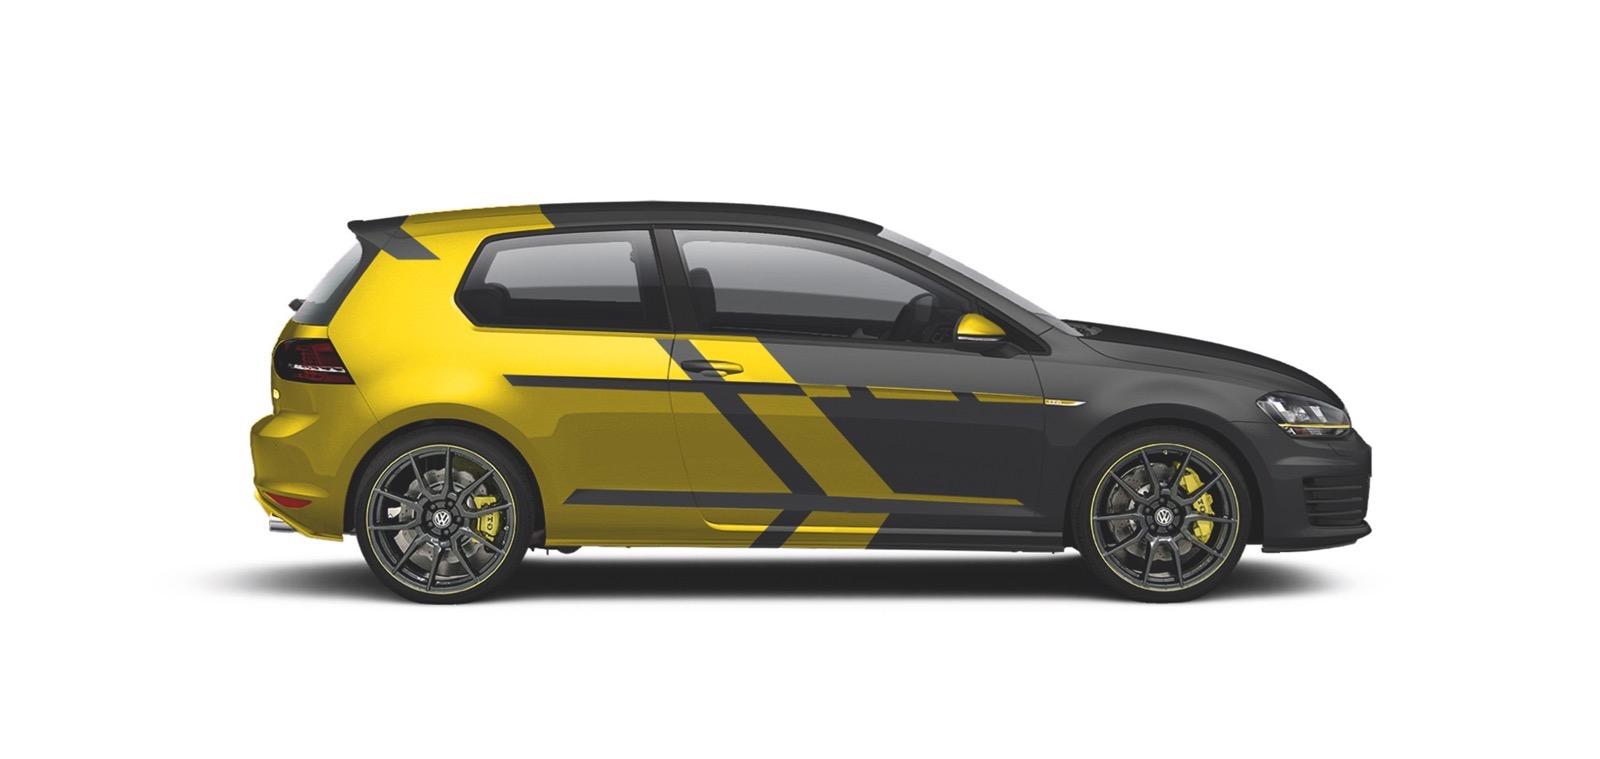 Golf GTI Performance Der See ruft - Wörthersee 2015